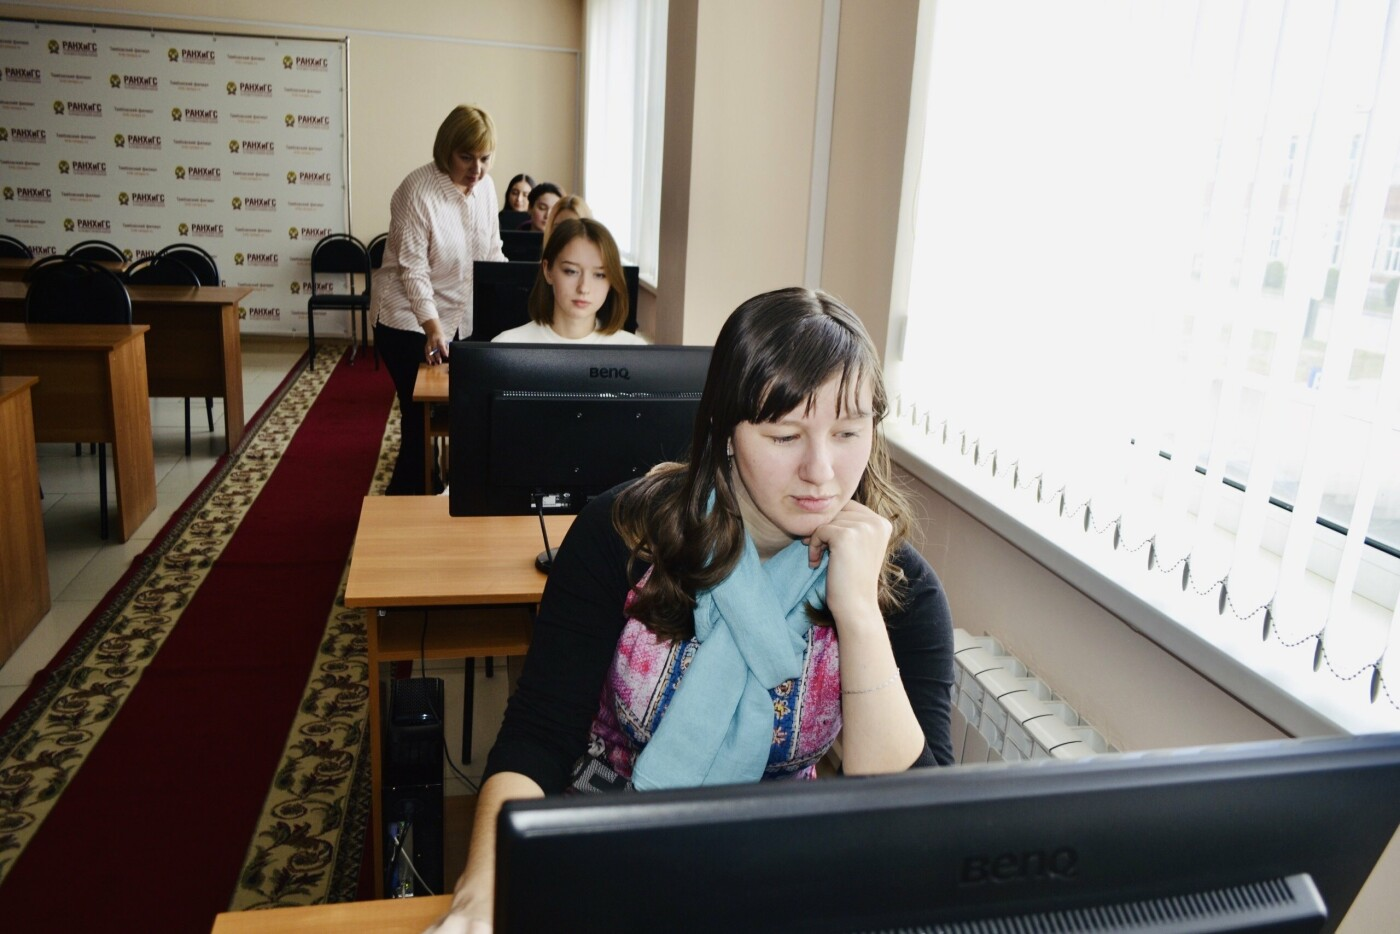 Первокурсники Тамбовского филиала РАНХиГС зарегистрировались в электронно-библиотечных системах, фото-2